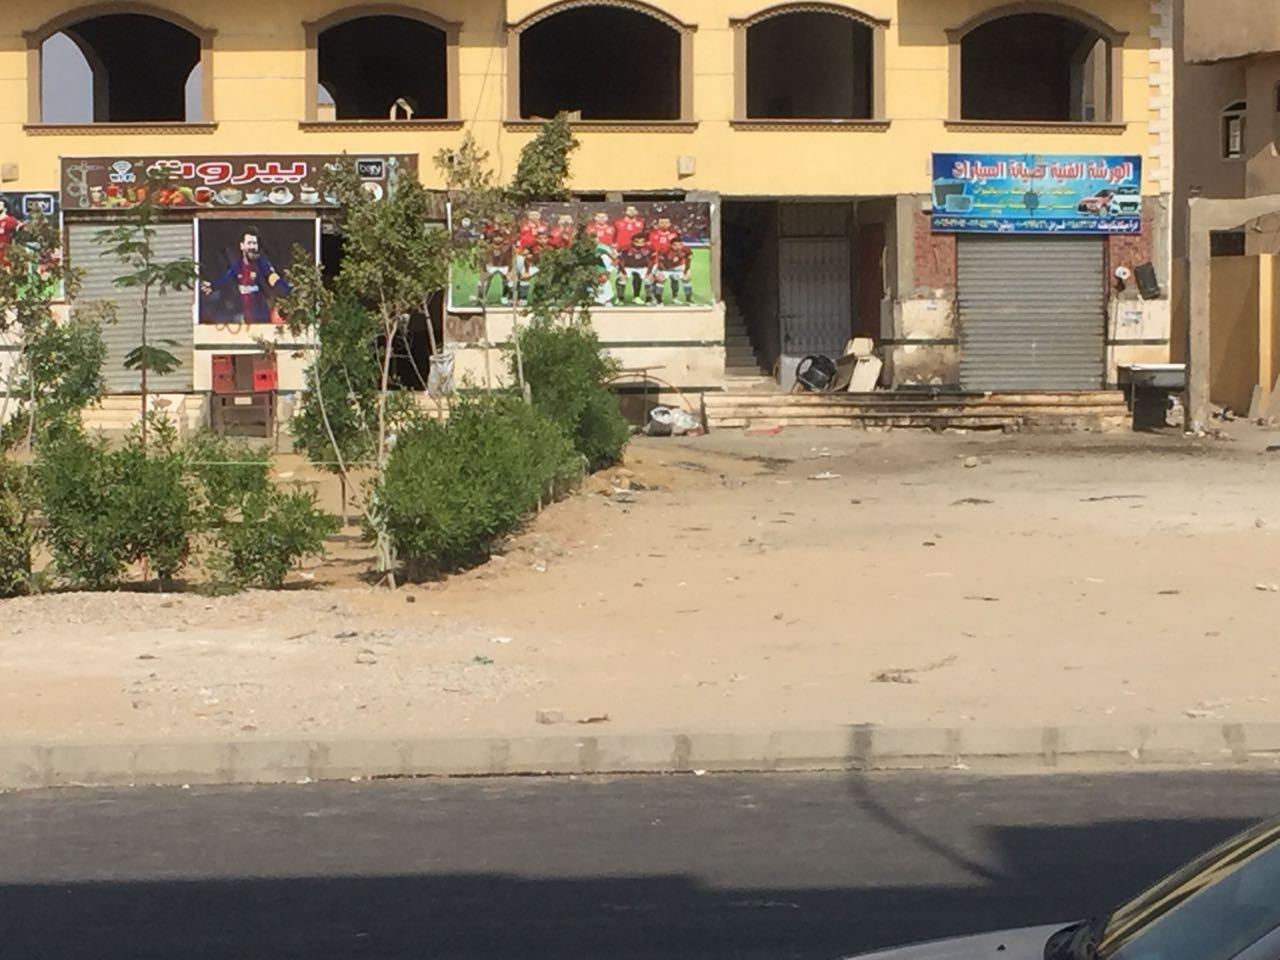 ورش وسط الكتلة السكنية فى العبور  (2)